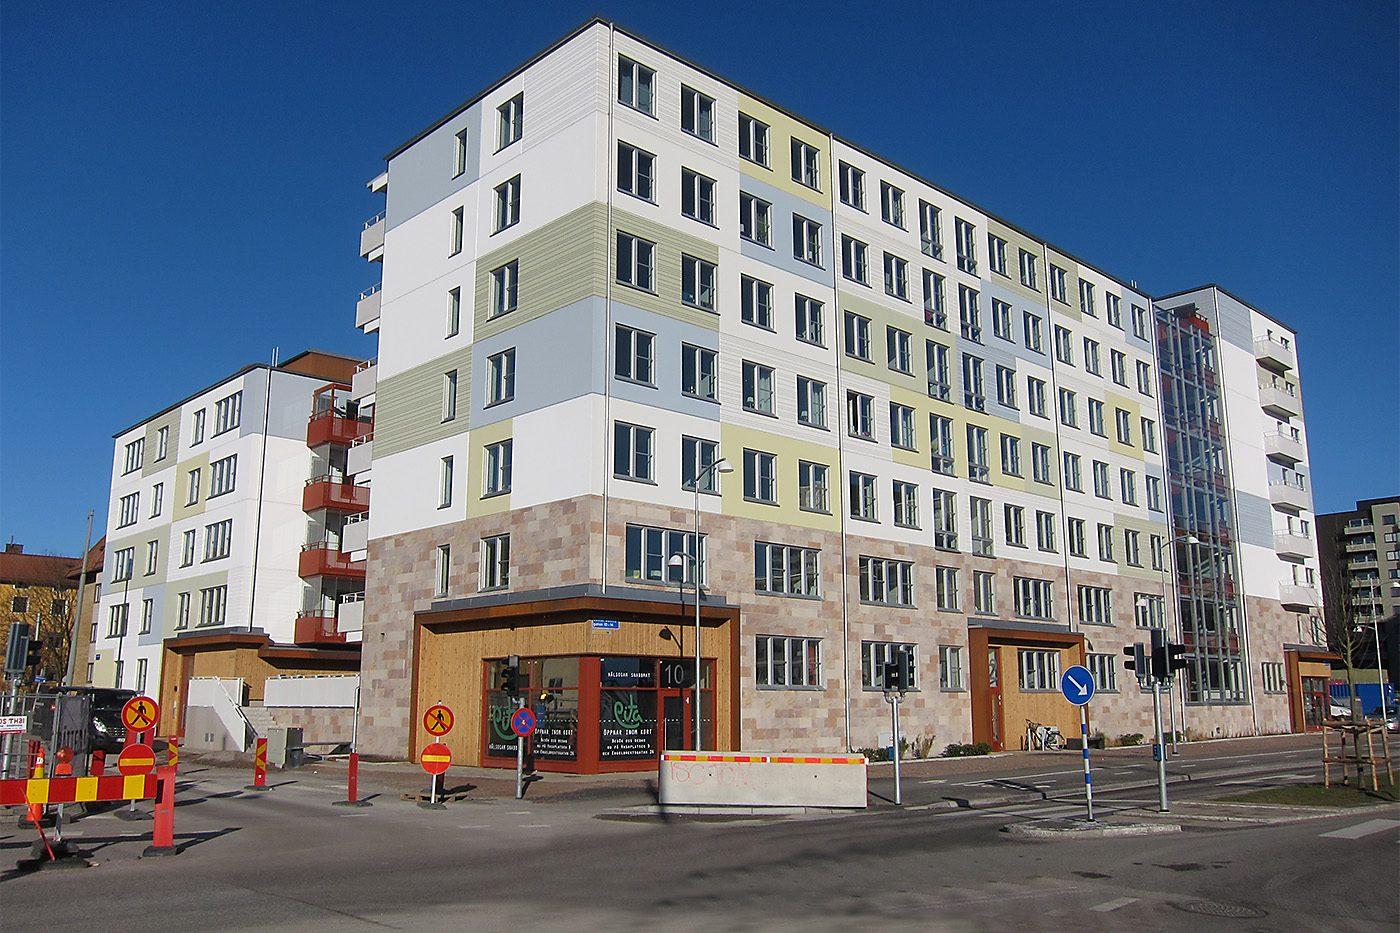 pengar x betygsatt avsugning i Göteborg